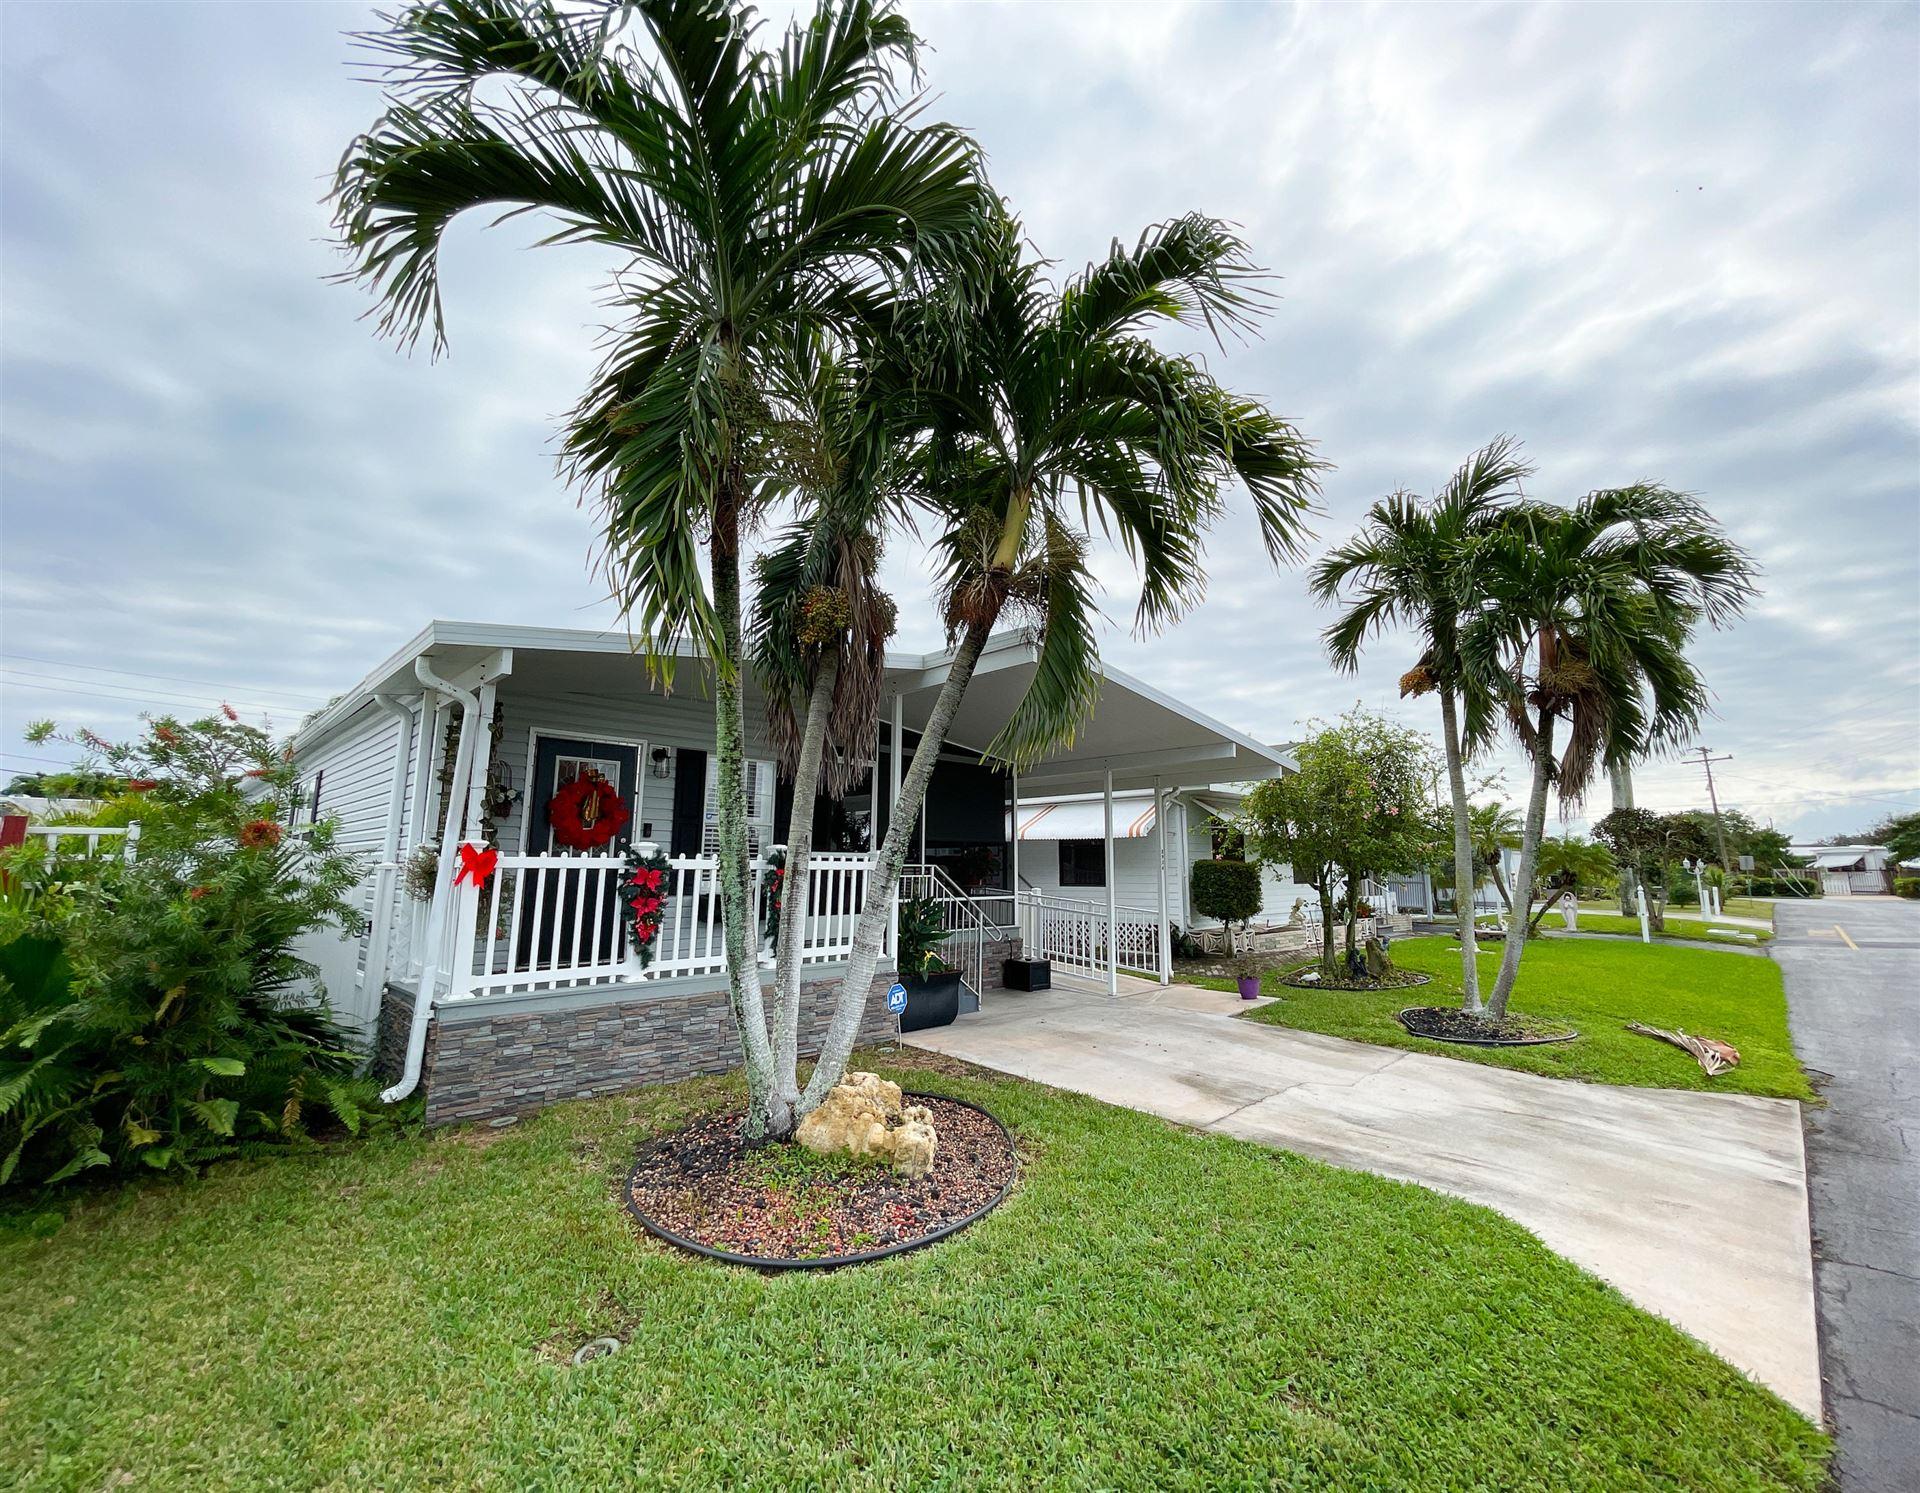 8934 W Shady Lane, Boynton Beach, FL 33436 - MLS#: RX-10677921